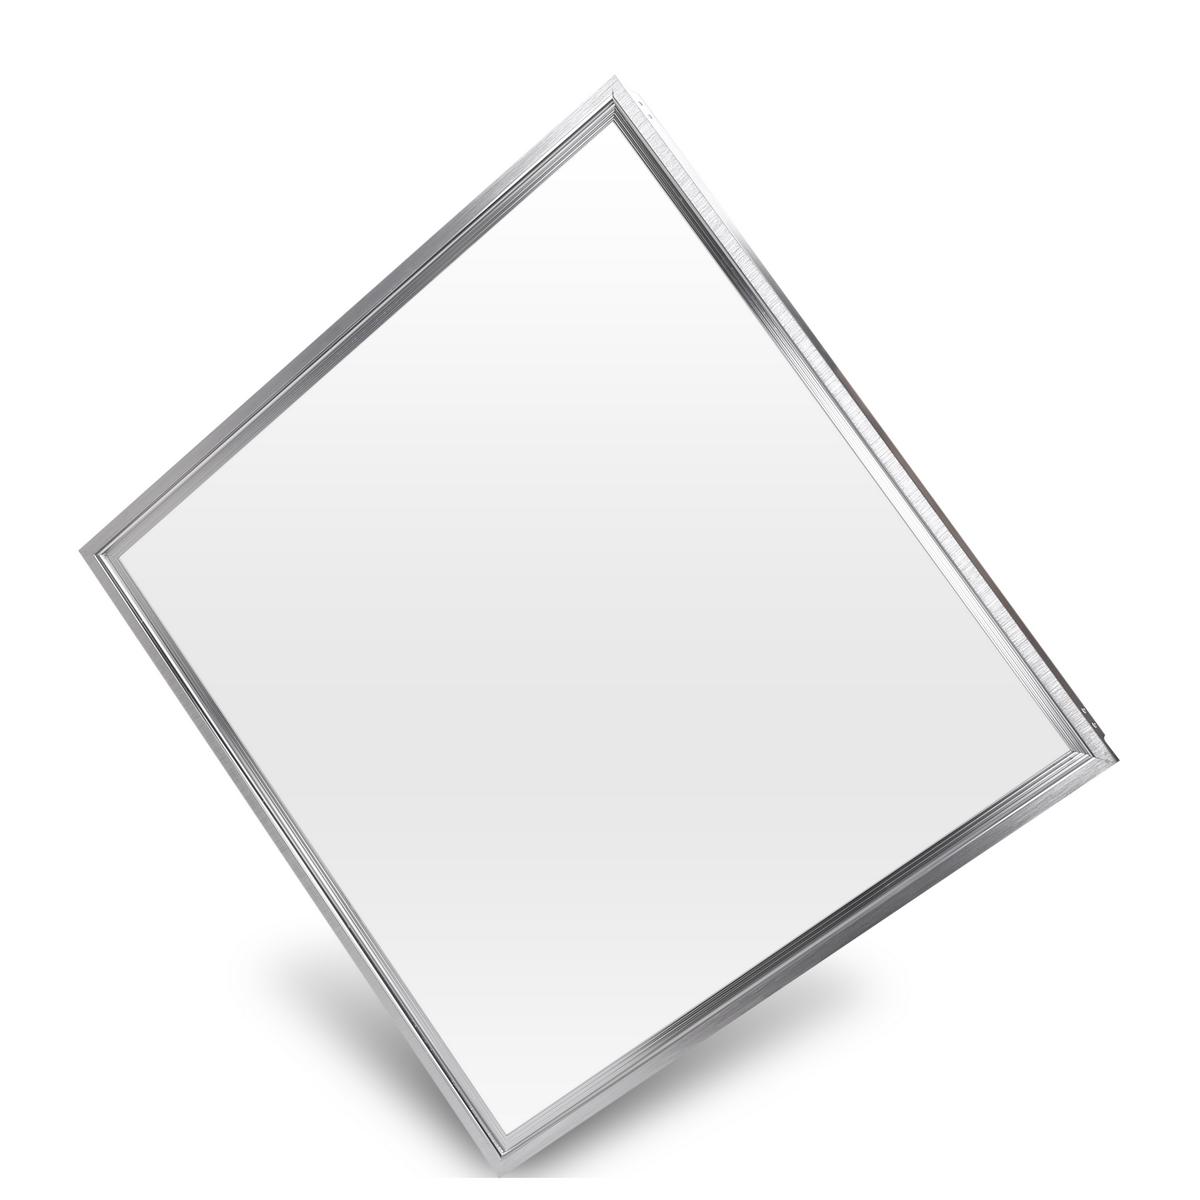 """Светодиодная панель 595х595, 48W, типа """"Армстронг"""", встраиваемая, ультратонкая"""